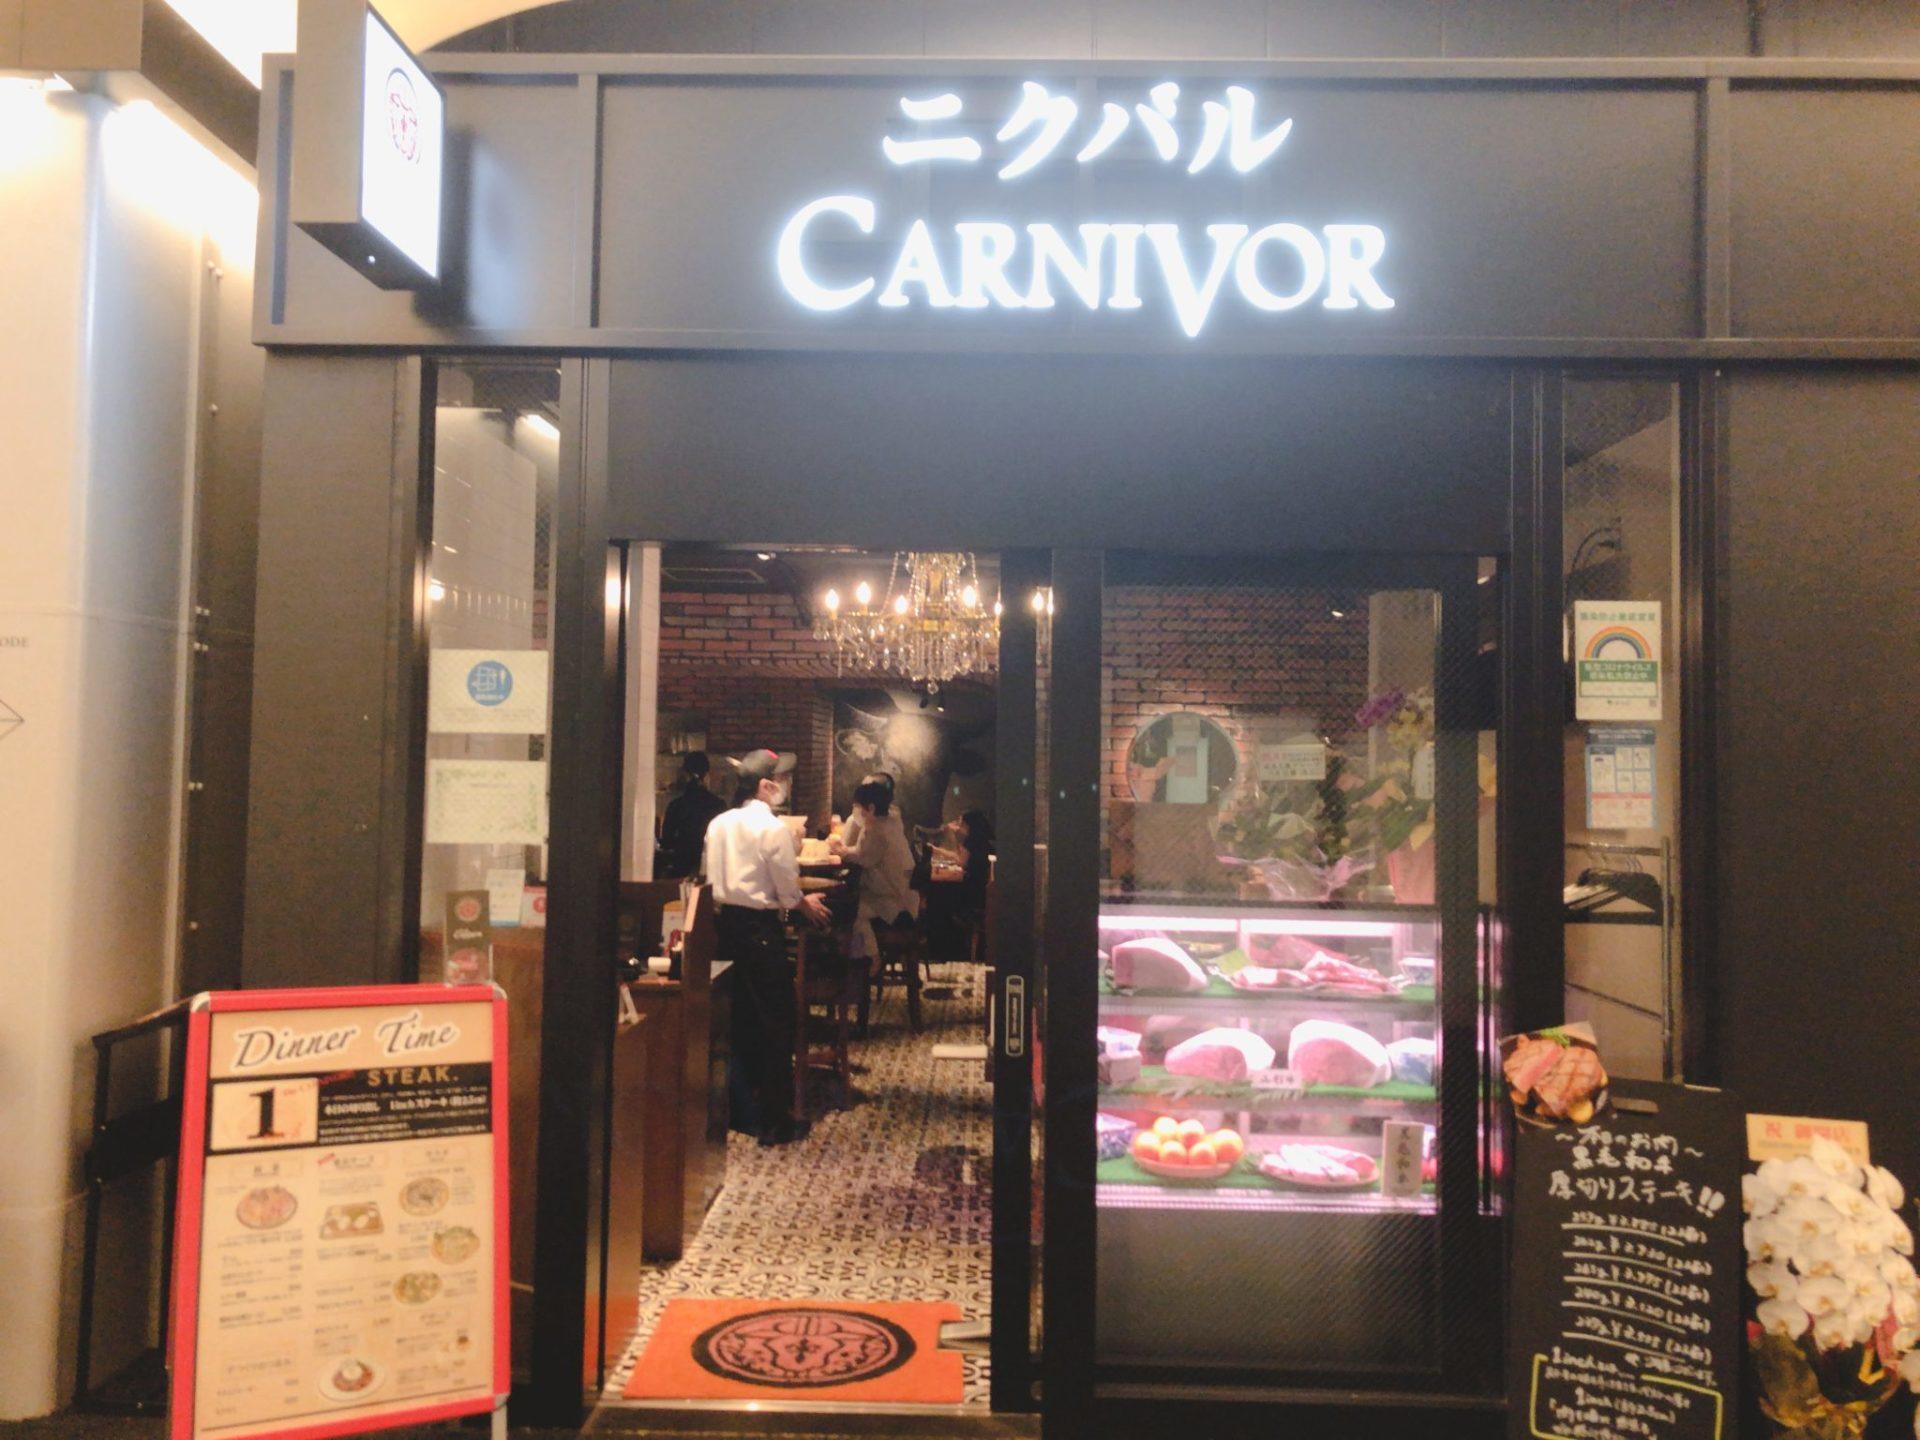 日比谷OKUROJI(ヒビヤオクロジ)の肉バル